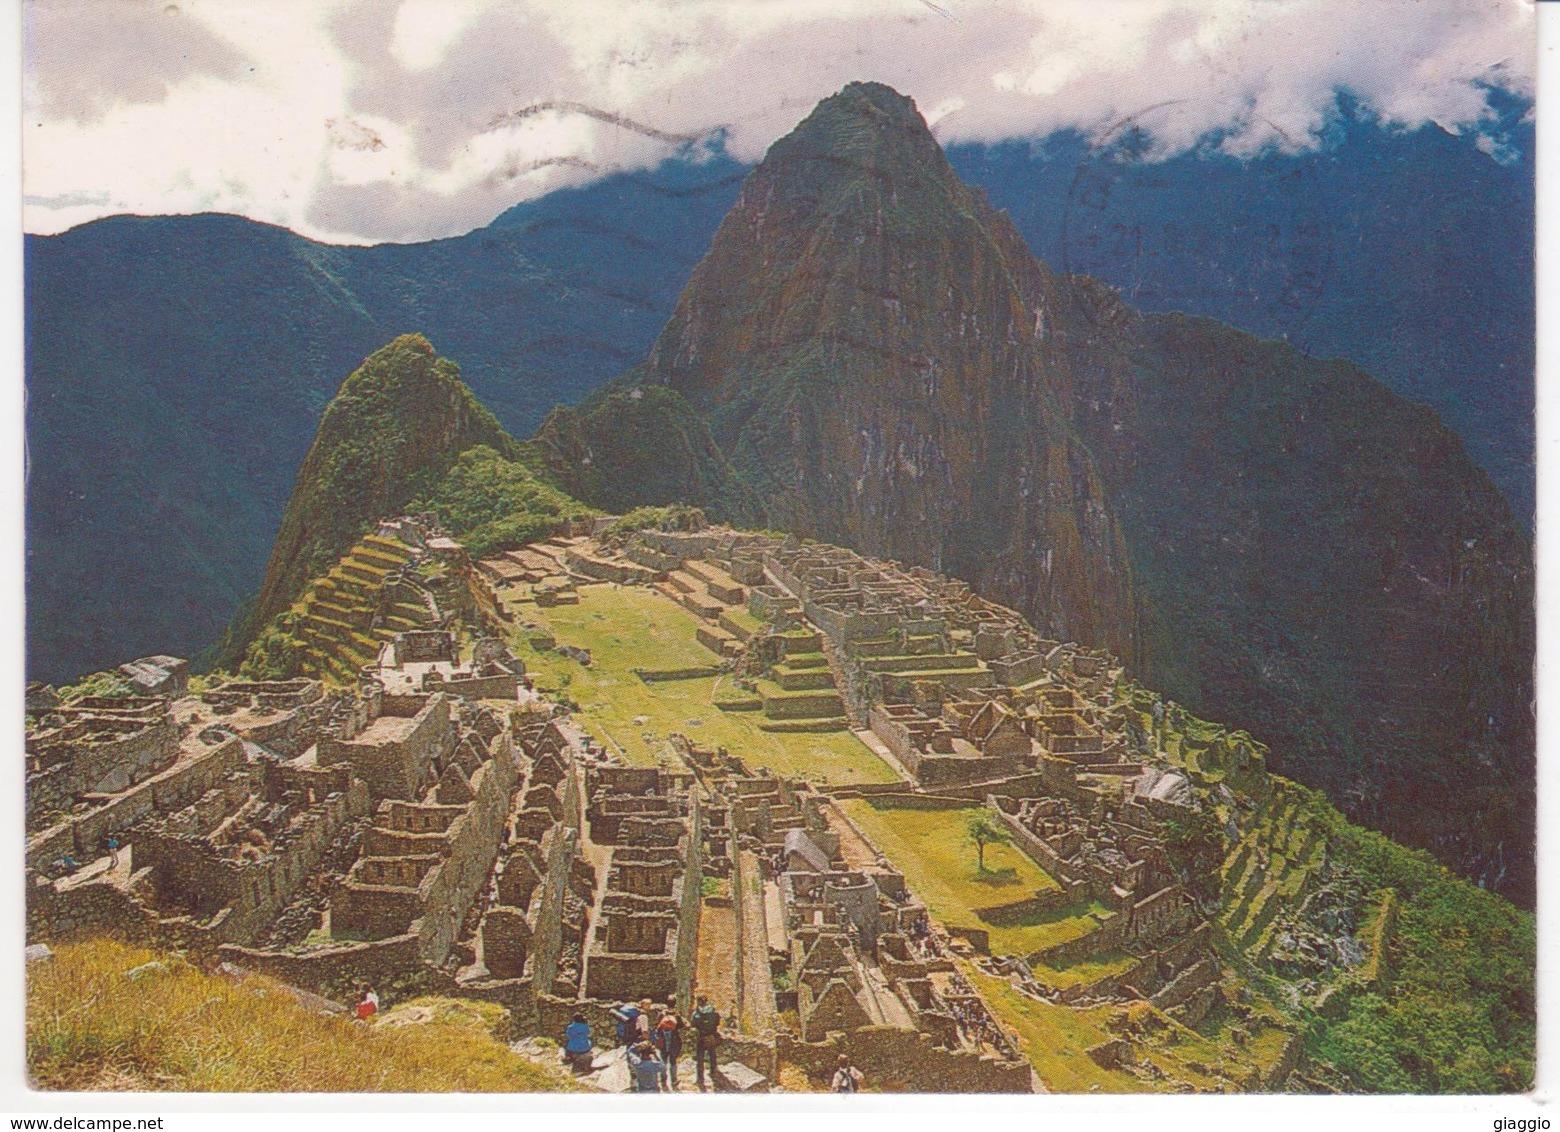 °°° 13362 - PERU - CUZCO - VISTA PANORAMICA DE MACHU PICCHU - 1990 °°° - Perù